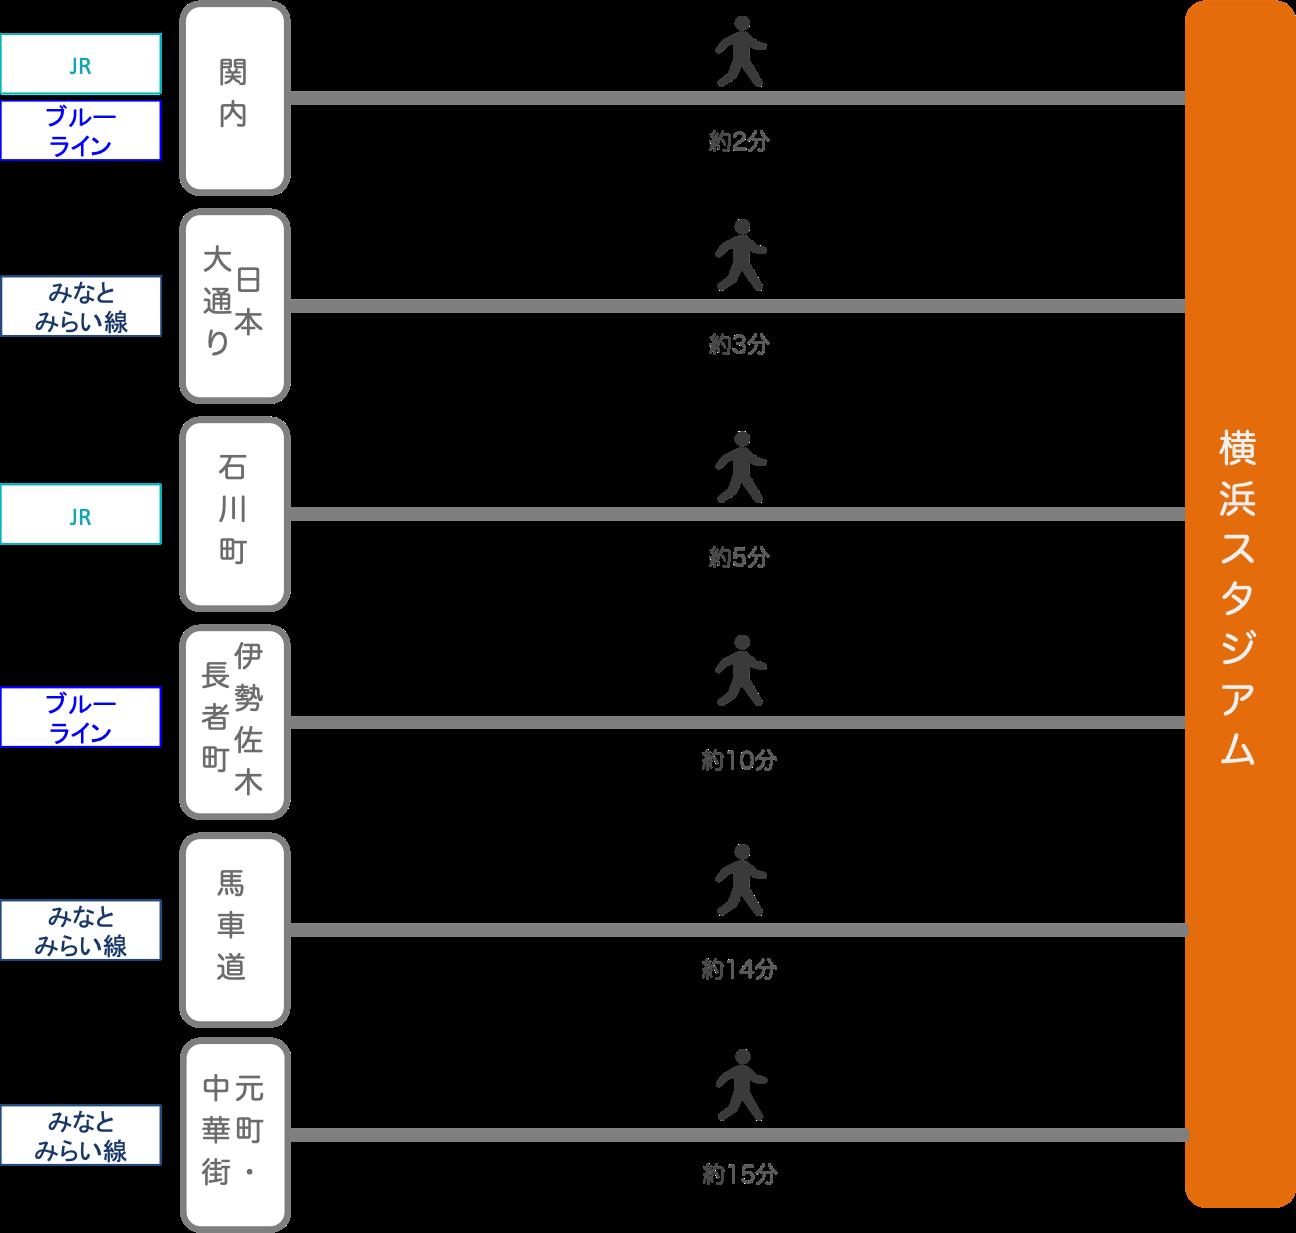 【横浜スタジアム アクセス】電車・車での行き方・料金・時間 ...